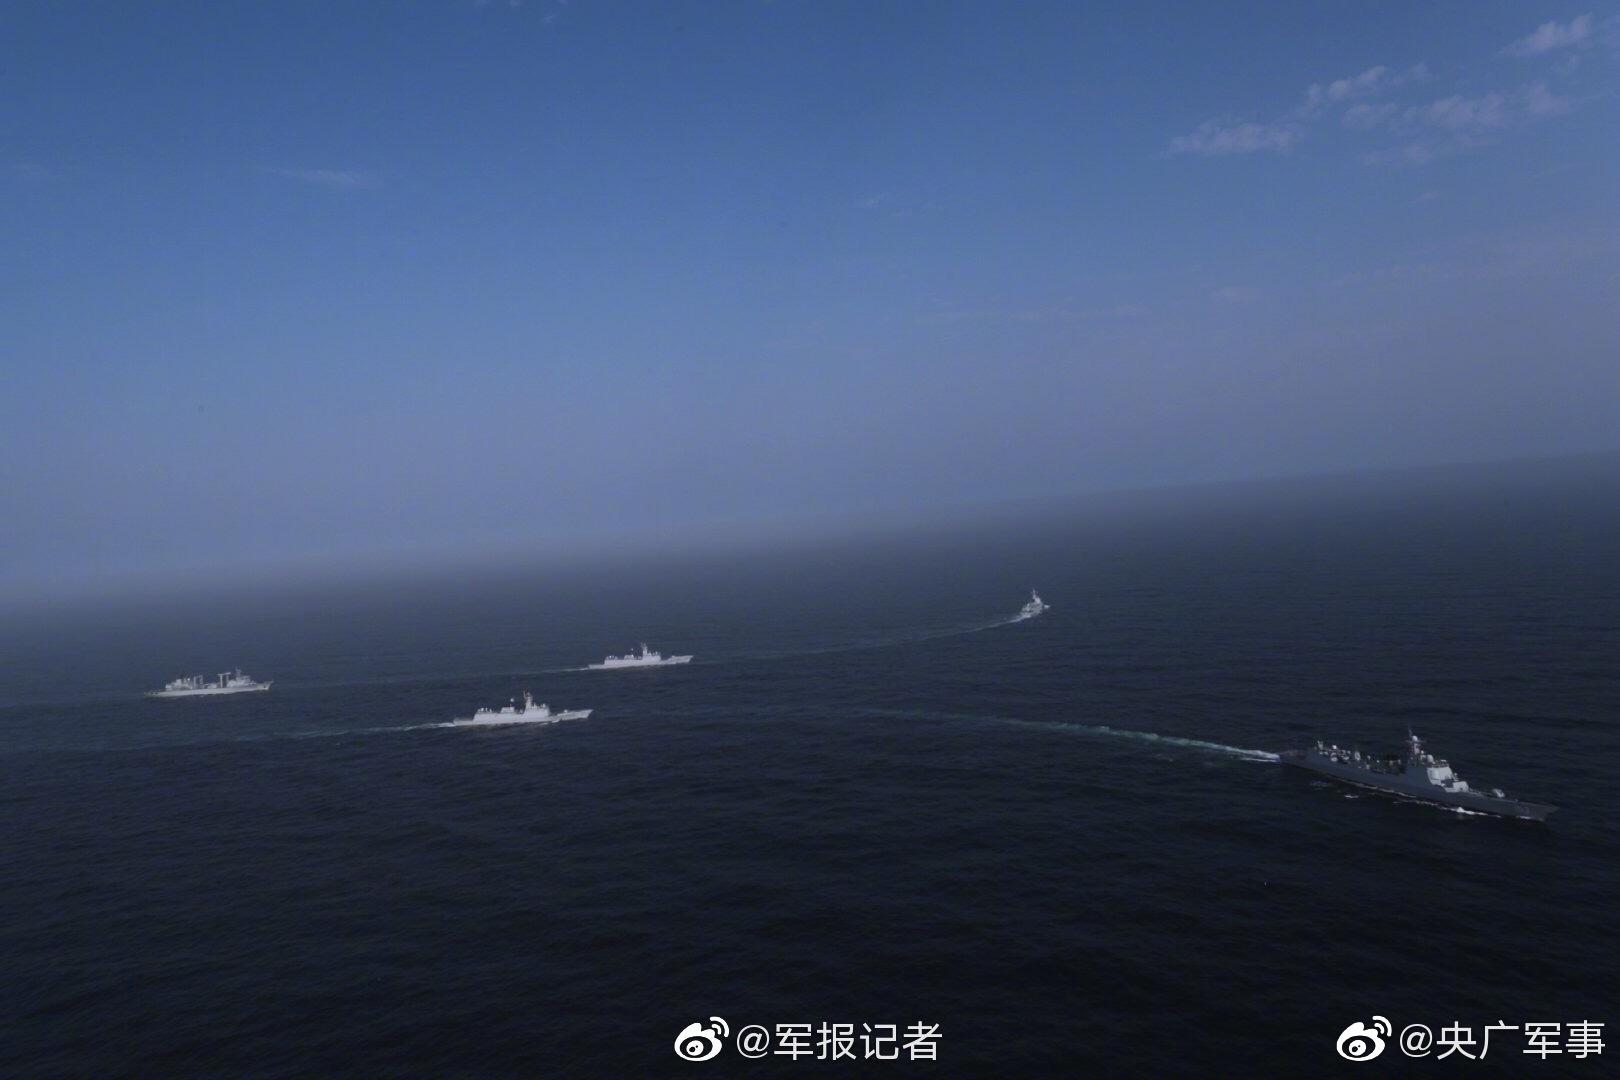 """海军第33批护航编队为中国香港籍商船""""绿宝石""""号伴随护航"""